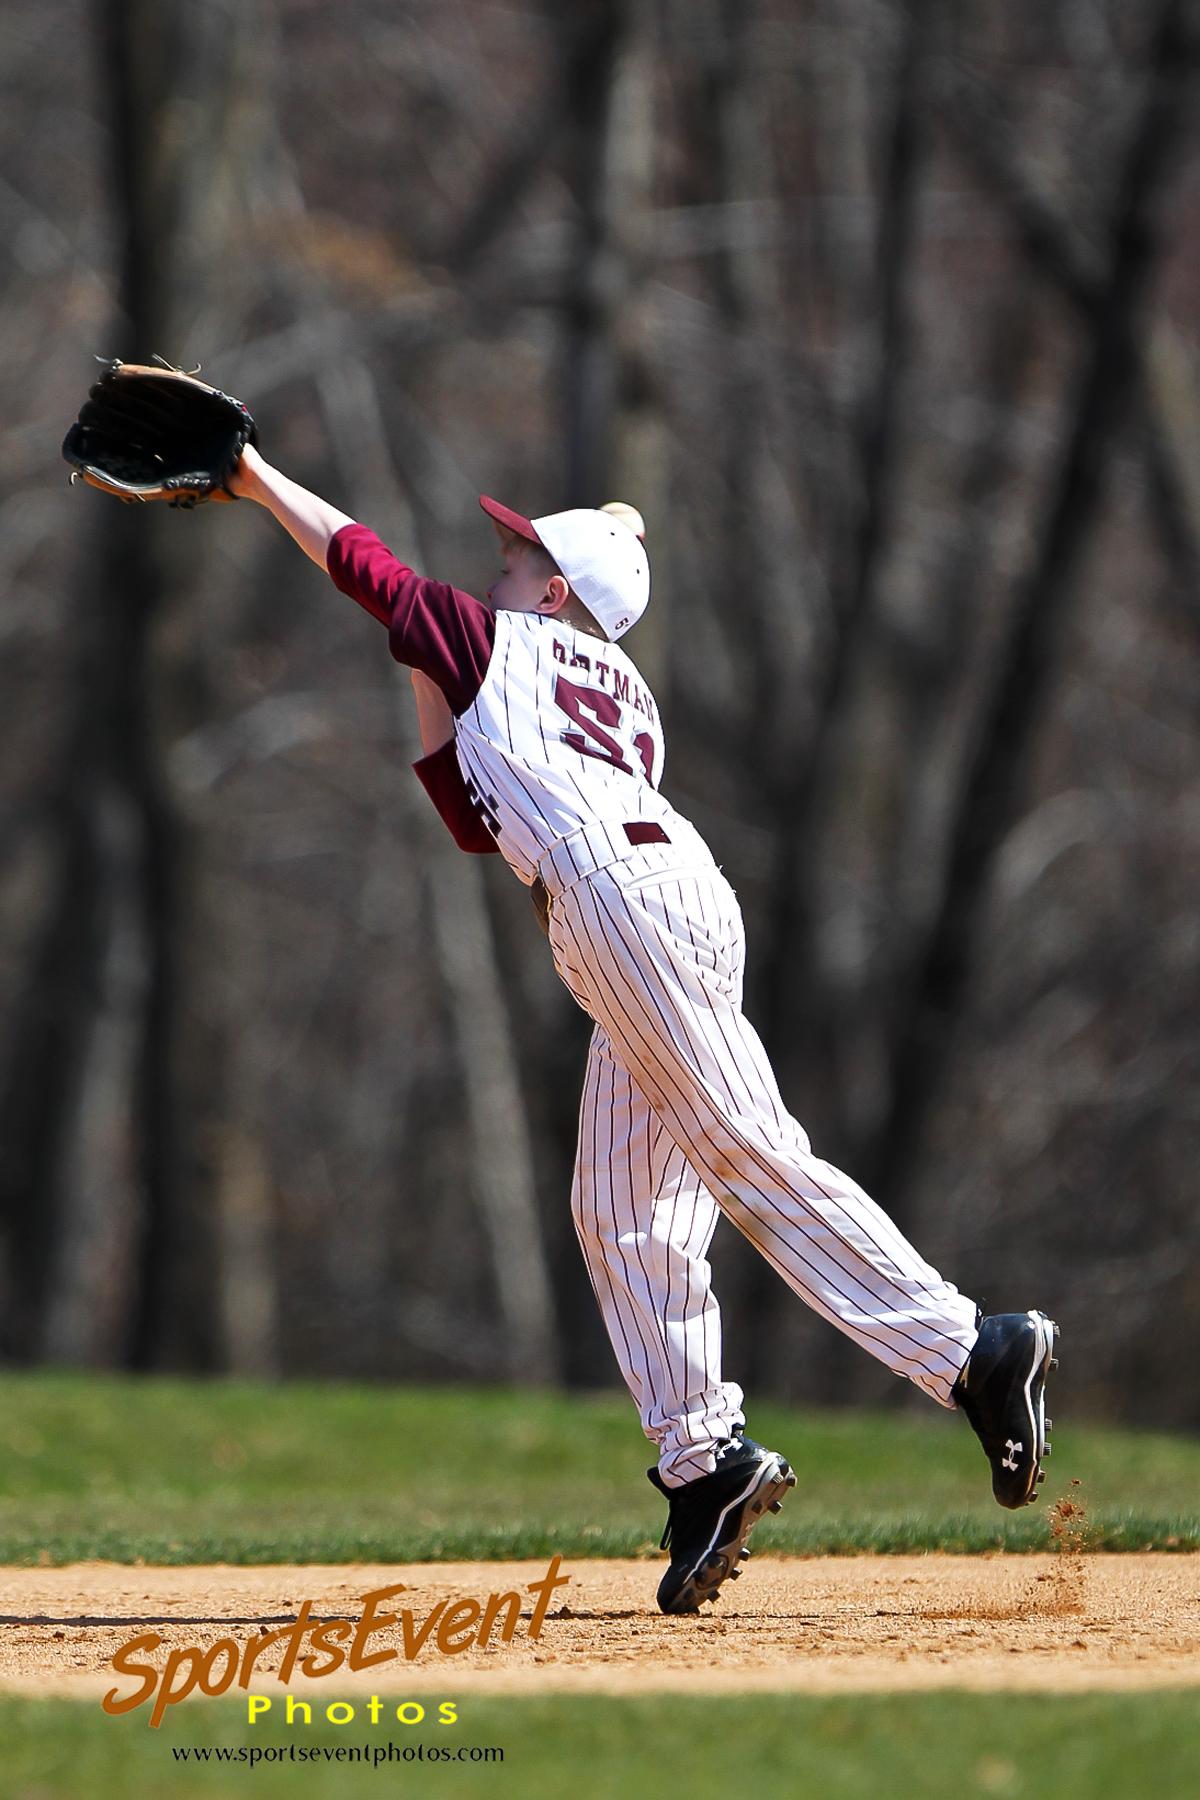 sportseventphotos-baseball-2